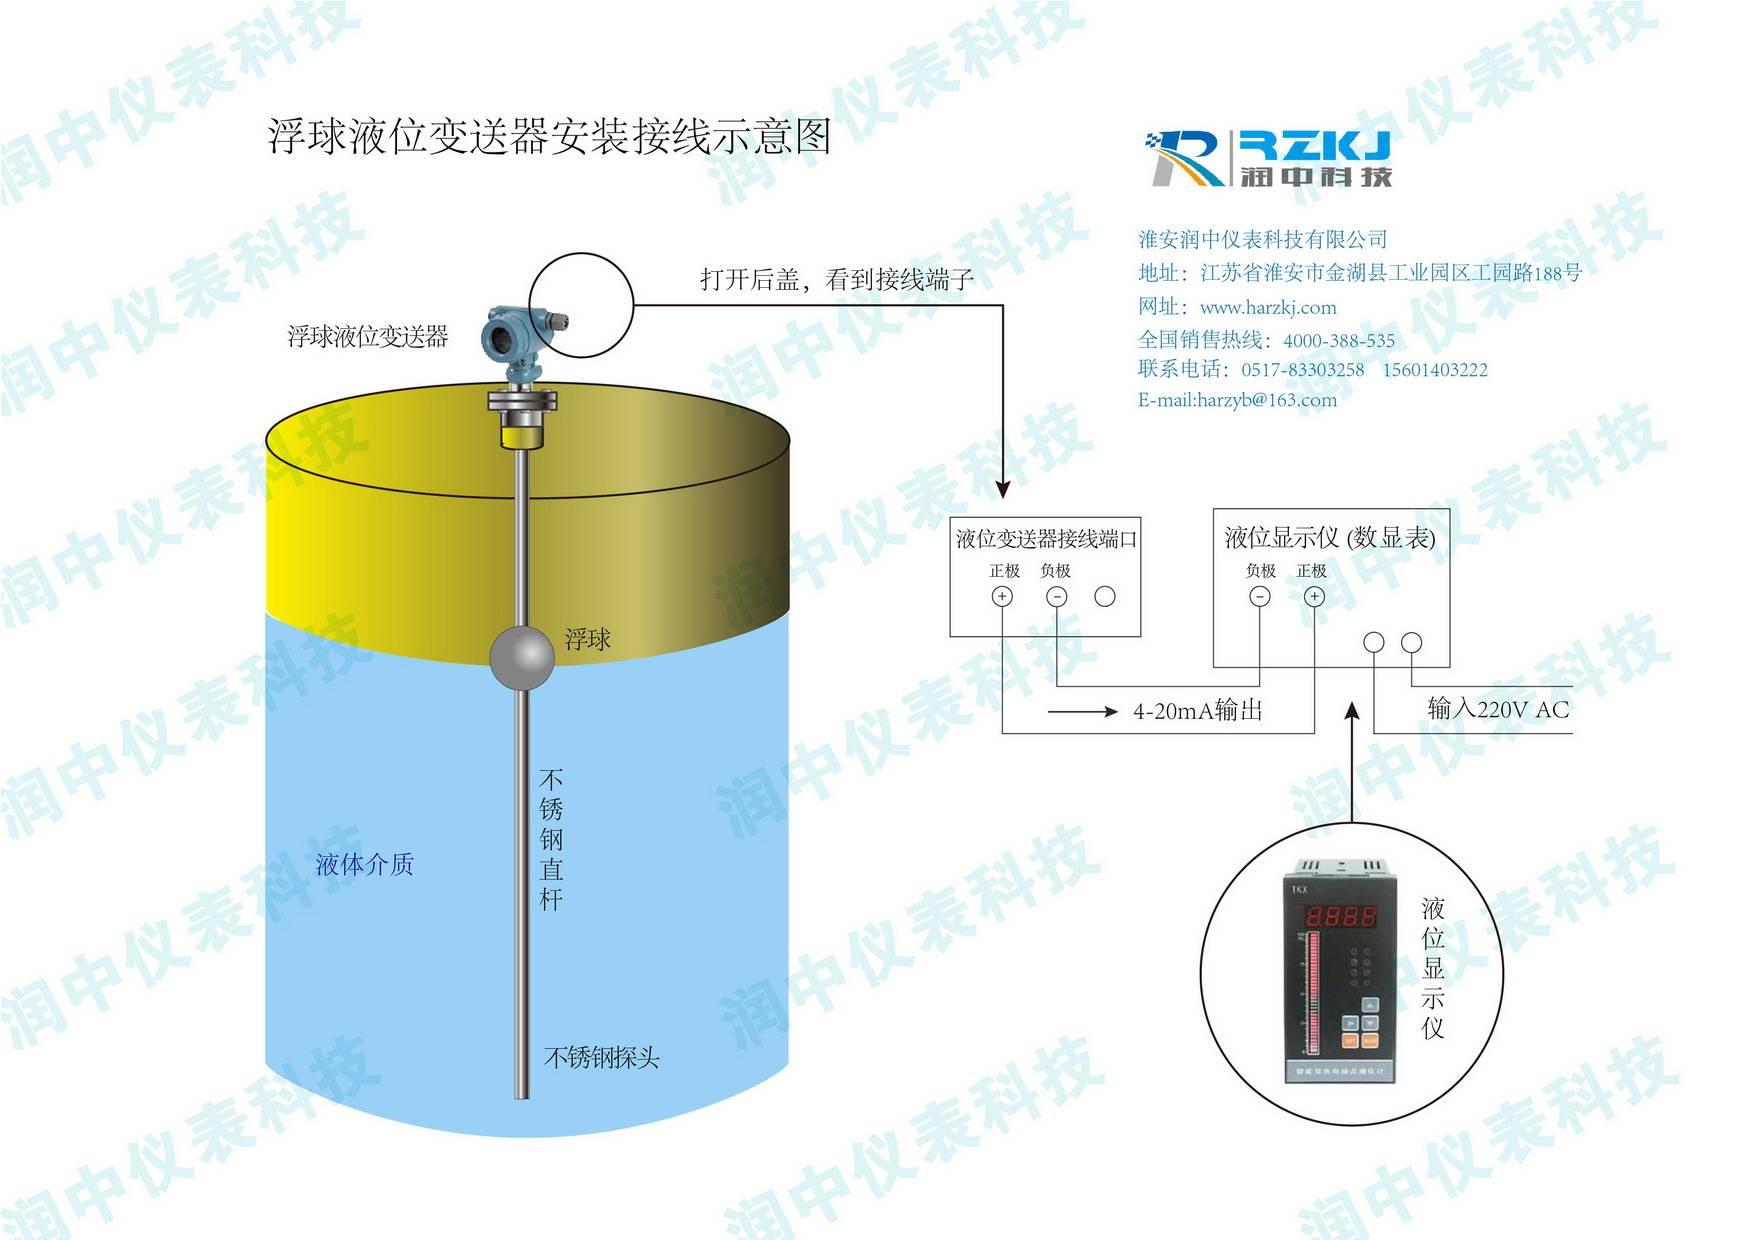 油污隔离池设计图